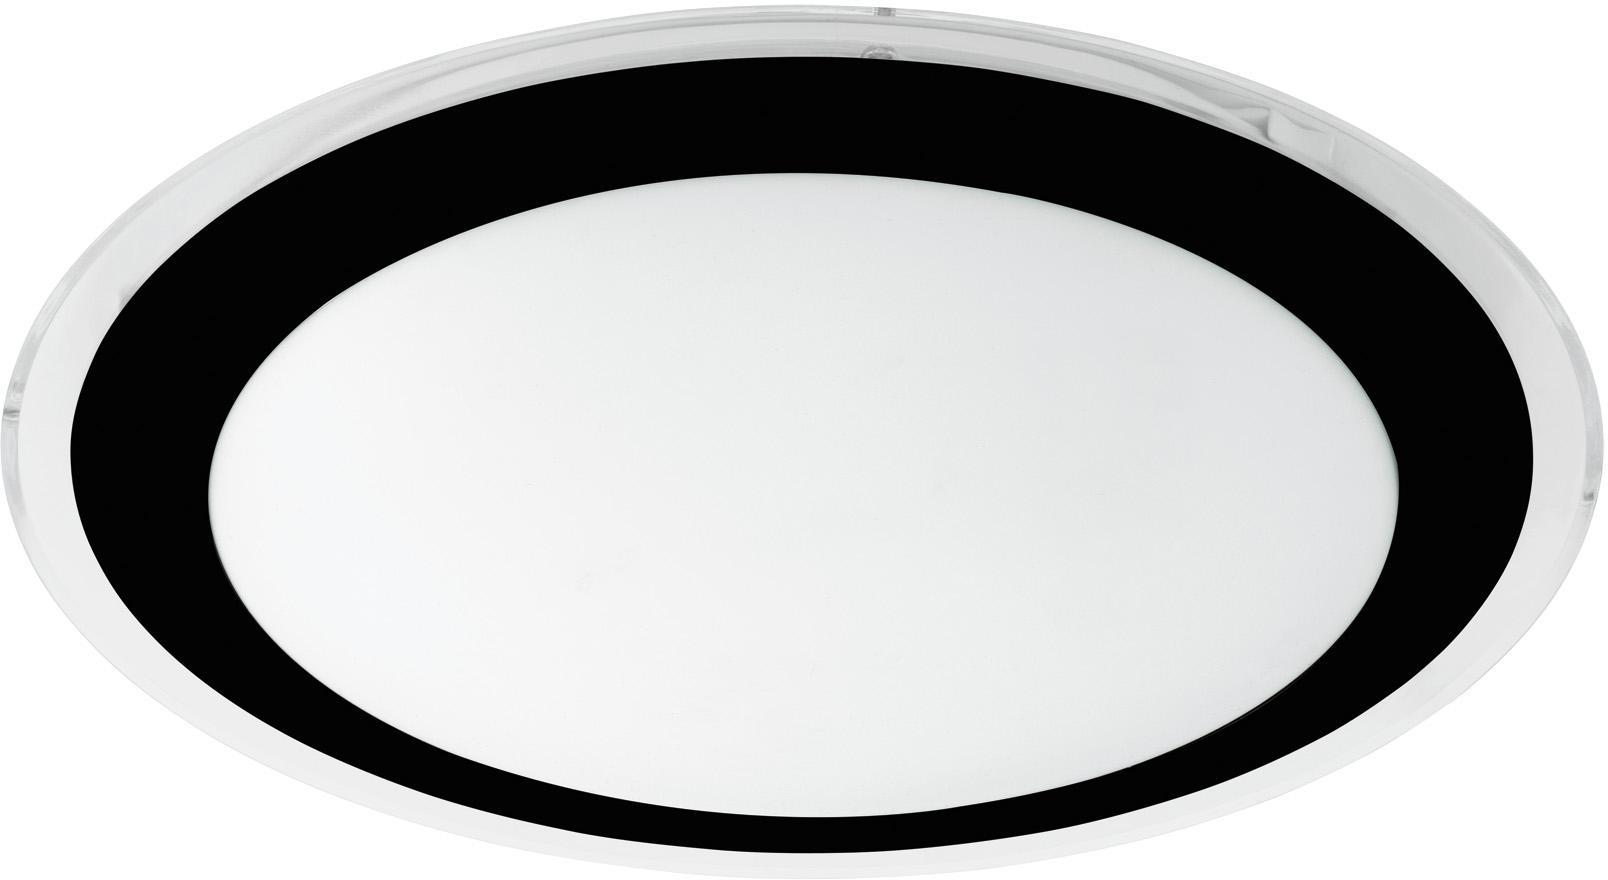 LED Deckenleuchte Competa, Lampenschirm: Kunststoff, Baldachin: Kunststoff, Schwarz, Weiß, Ø 34 x H 4 cm